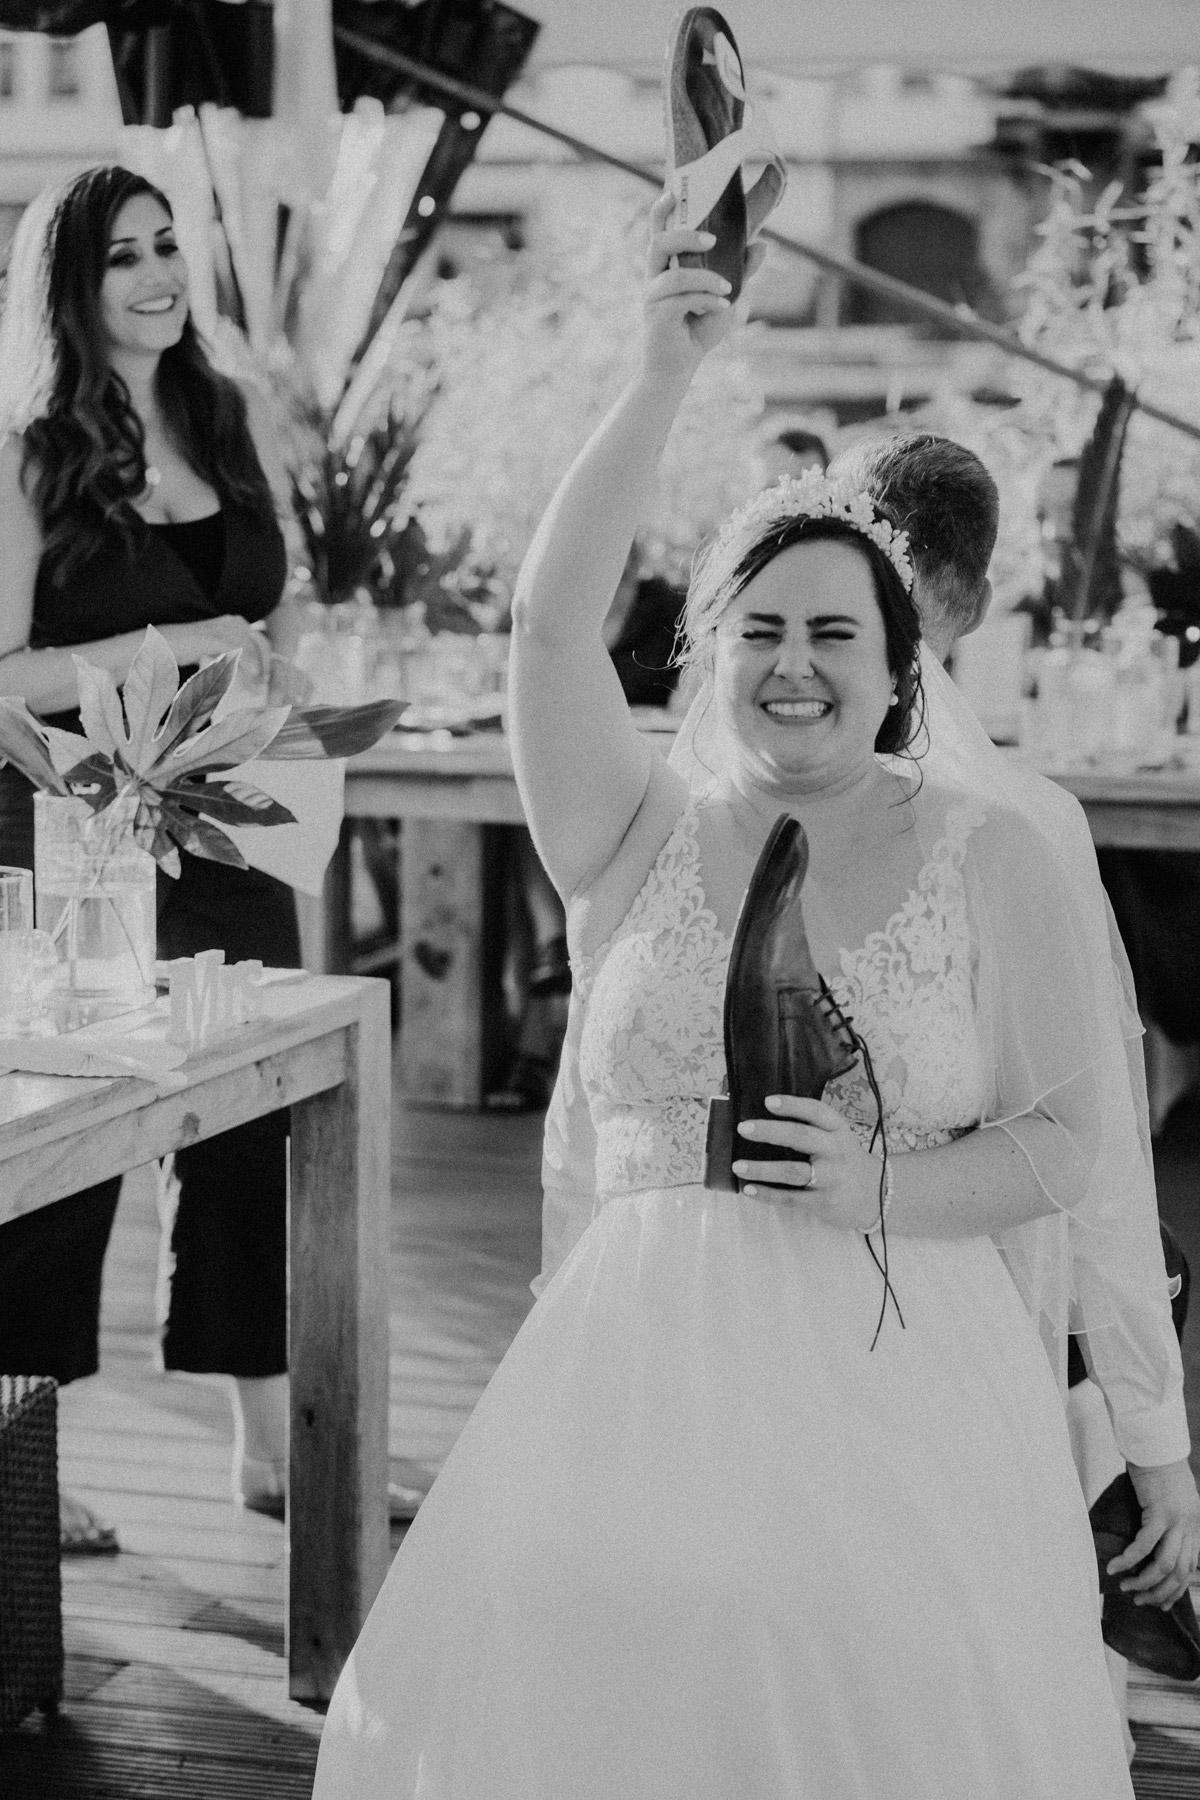 Hochzeitsspiel, Geschenk für Brautpaar, Idee mit Schuhen zur Feier auf iLand Pier13 Hochzeit von Hochzeitsfotograf Berlin © www.hochzeitslicht.de #hochzeitslicht - iLand Pier13 Hochzeit von Hochzeitsfotograf Berlin © www.hochzeitslicht.de #hochzeitslicht